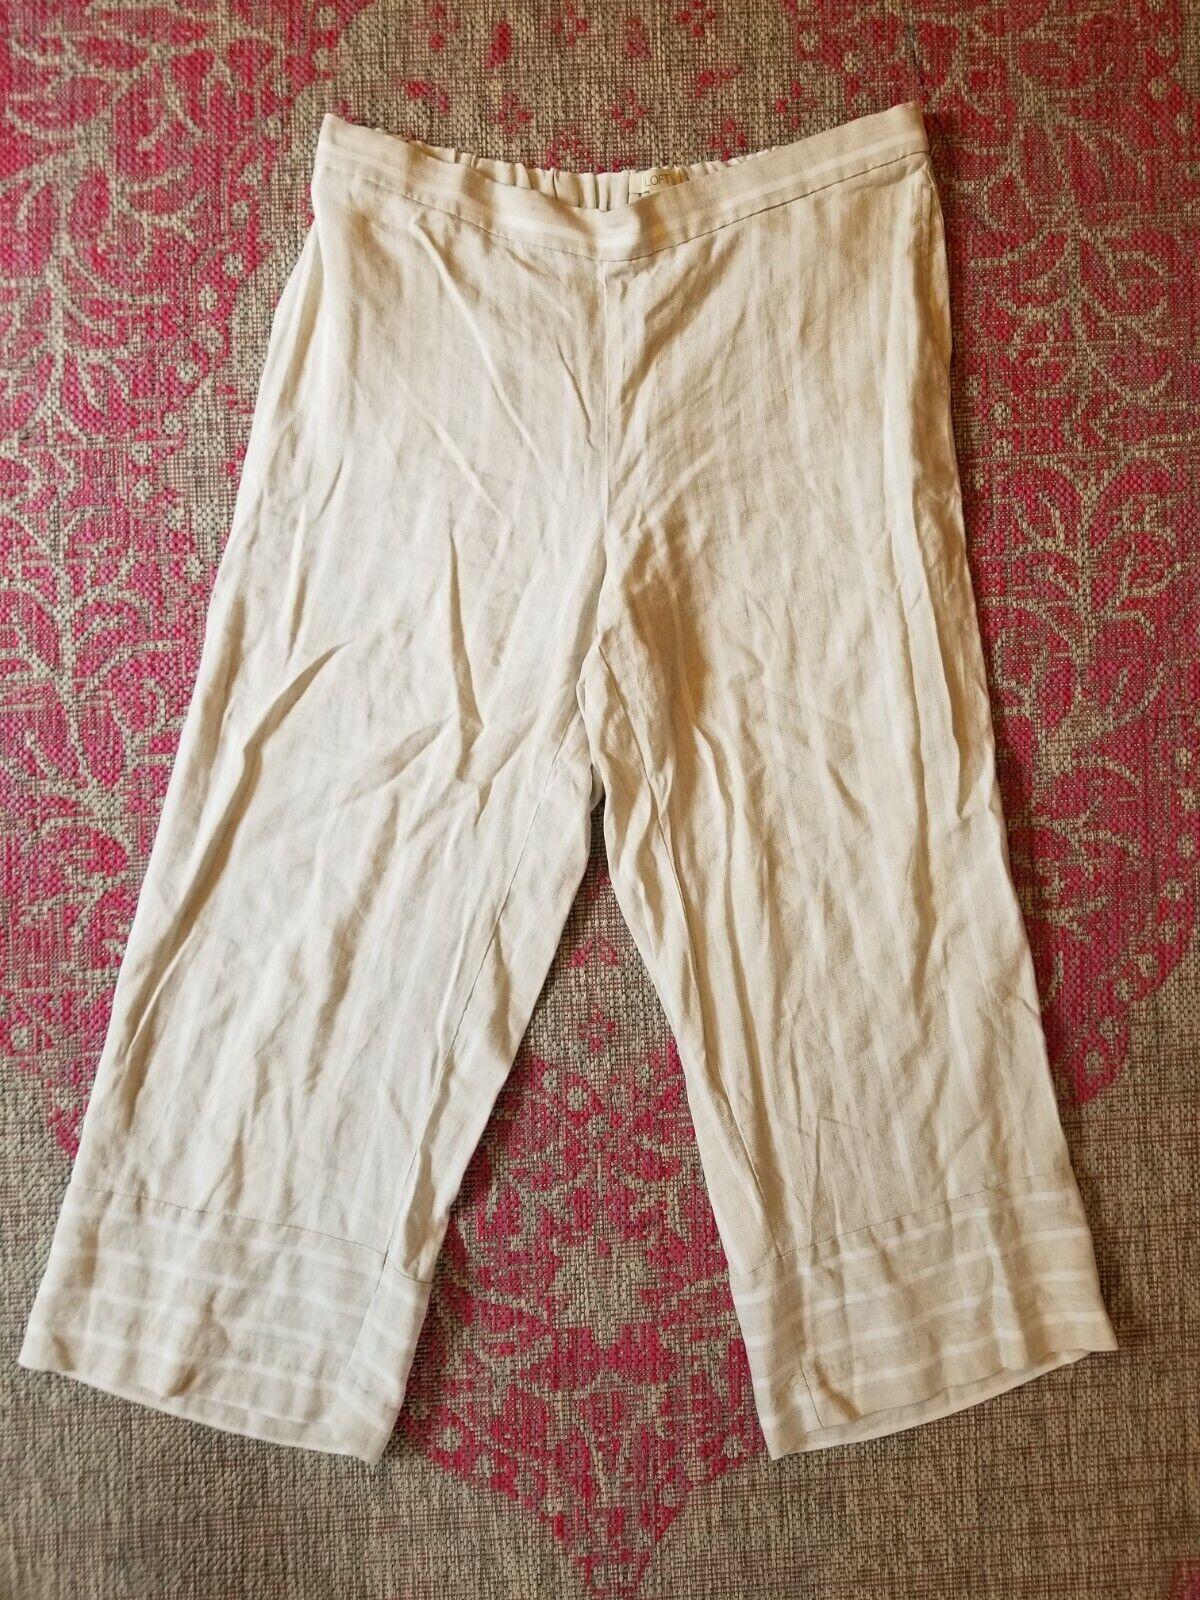 LOFT Sz L- Striped Wide Leg Crop Pant Beige White… - image 1